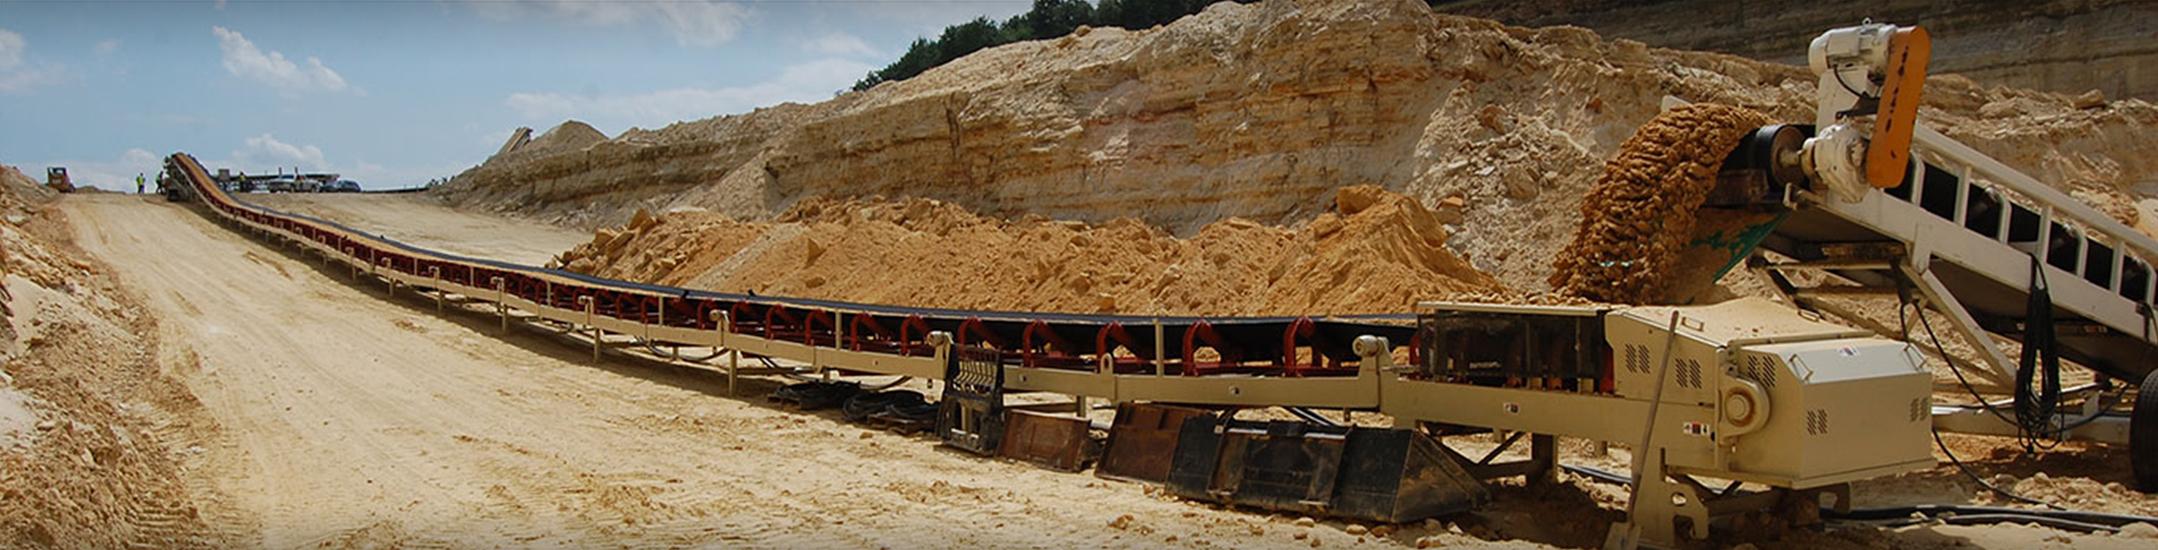 Trailblazer® Conveyor by Superior Industries